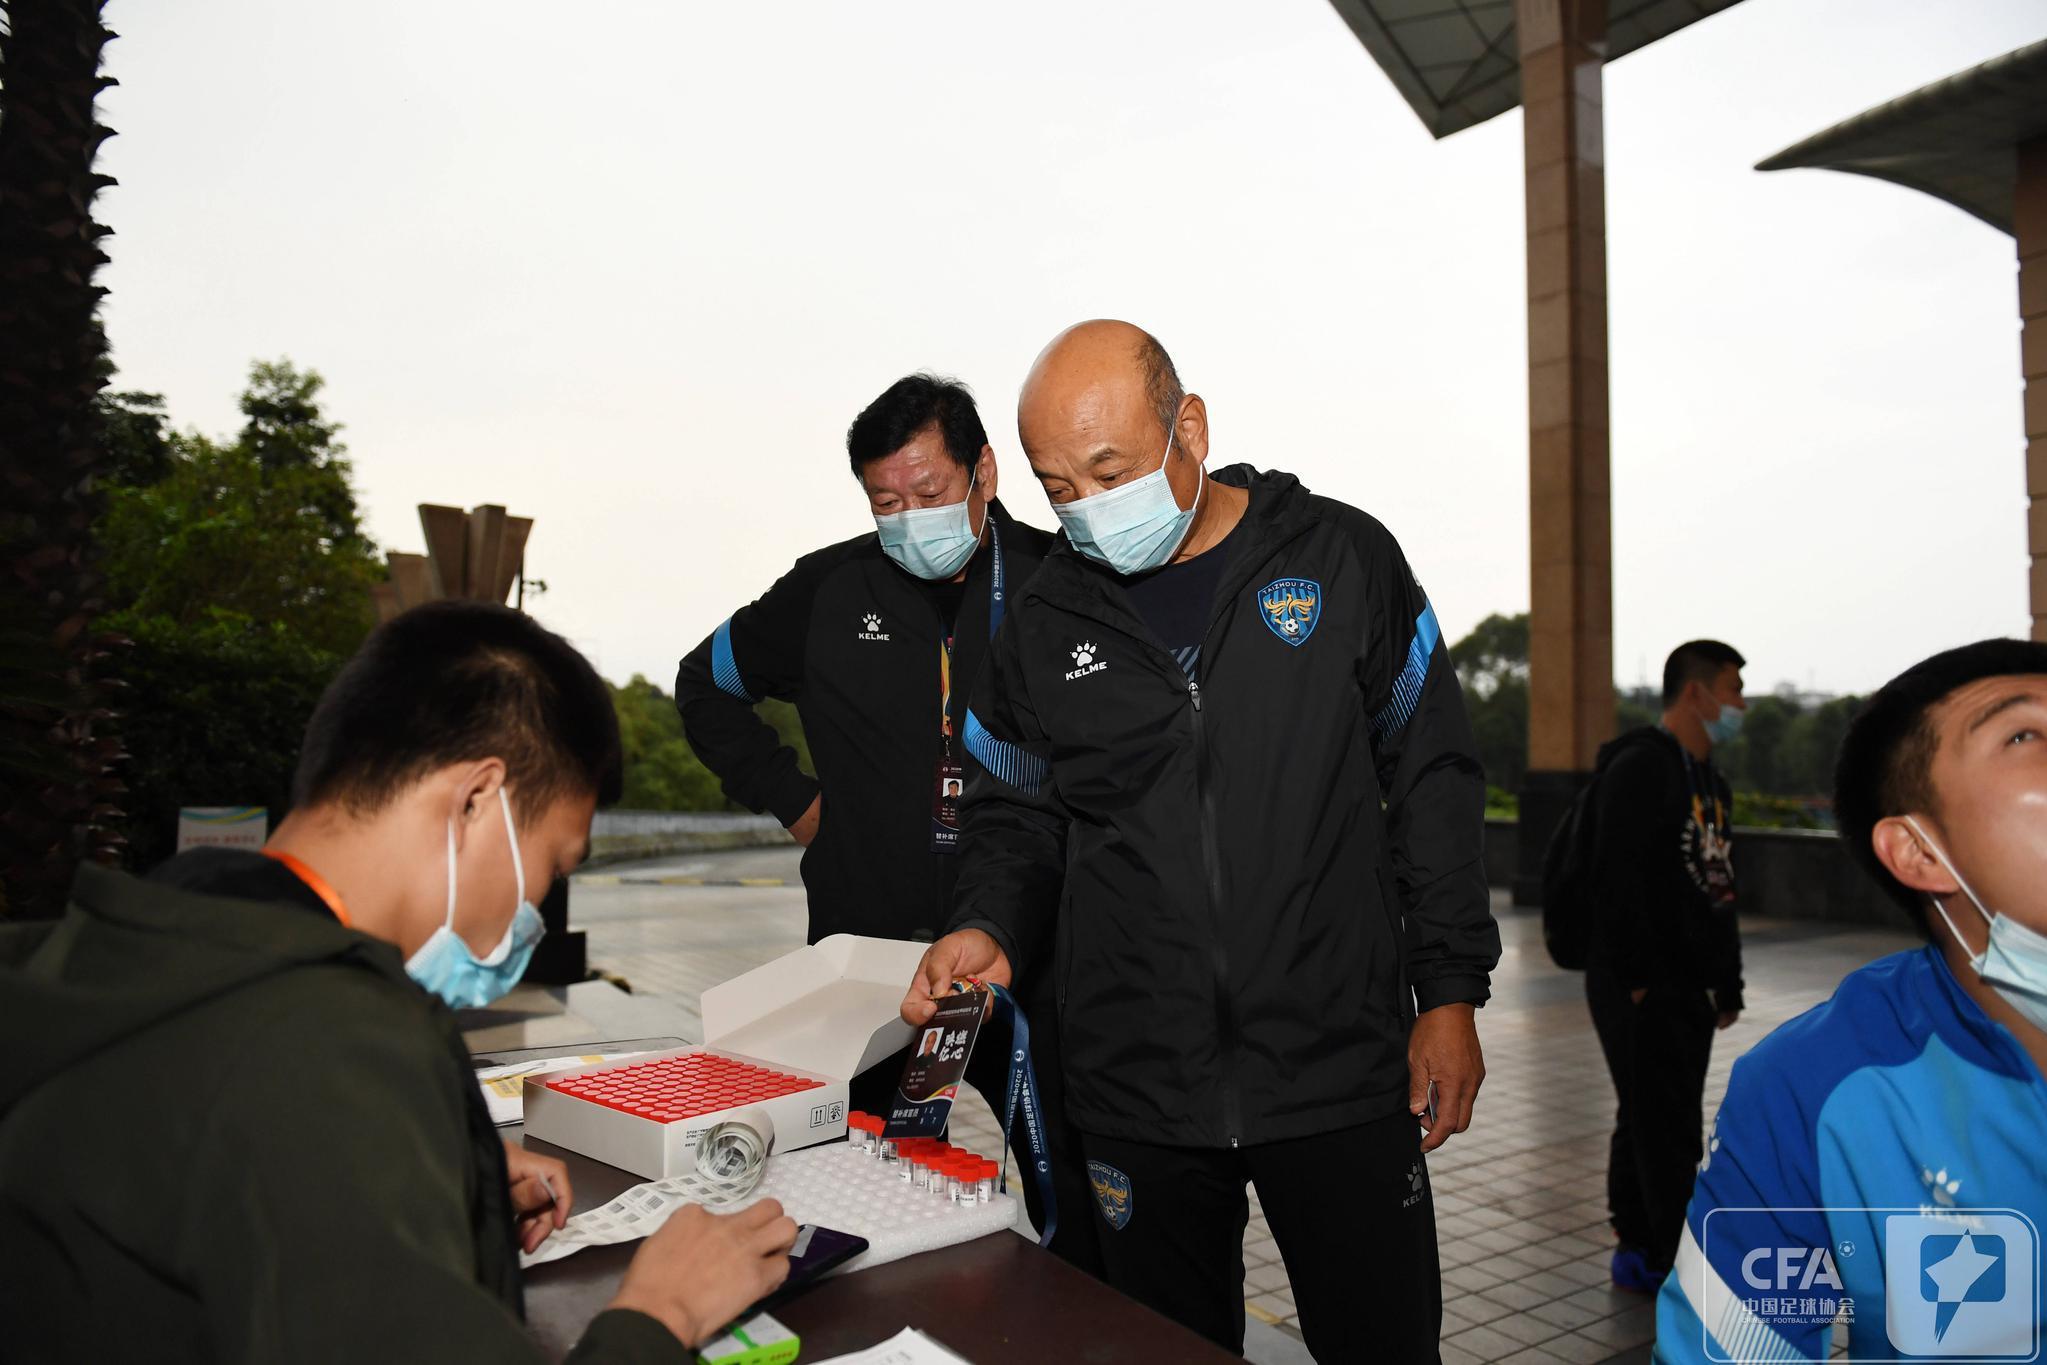 泰州远大足球俱乐部抵达成都赛区,泰州远大备战冲超组比赛